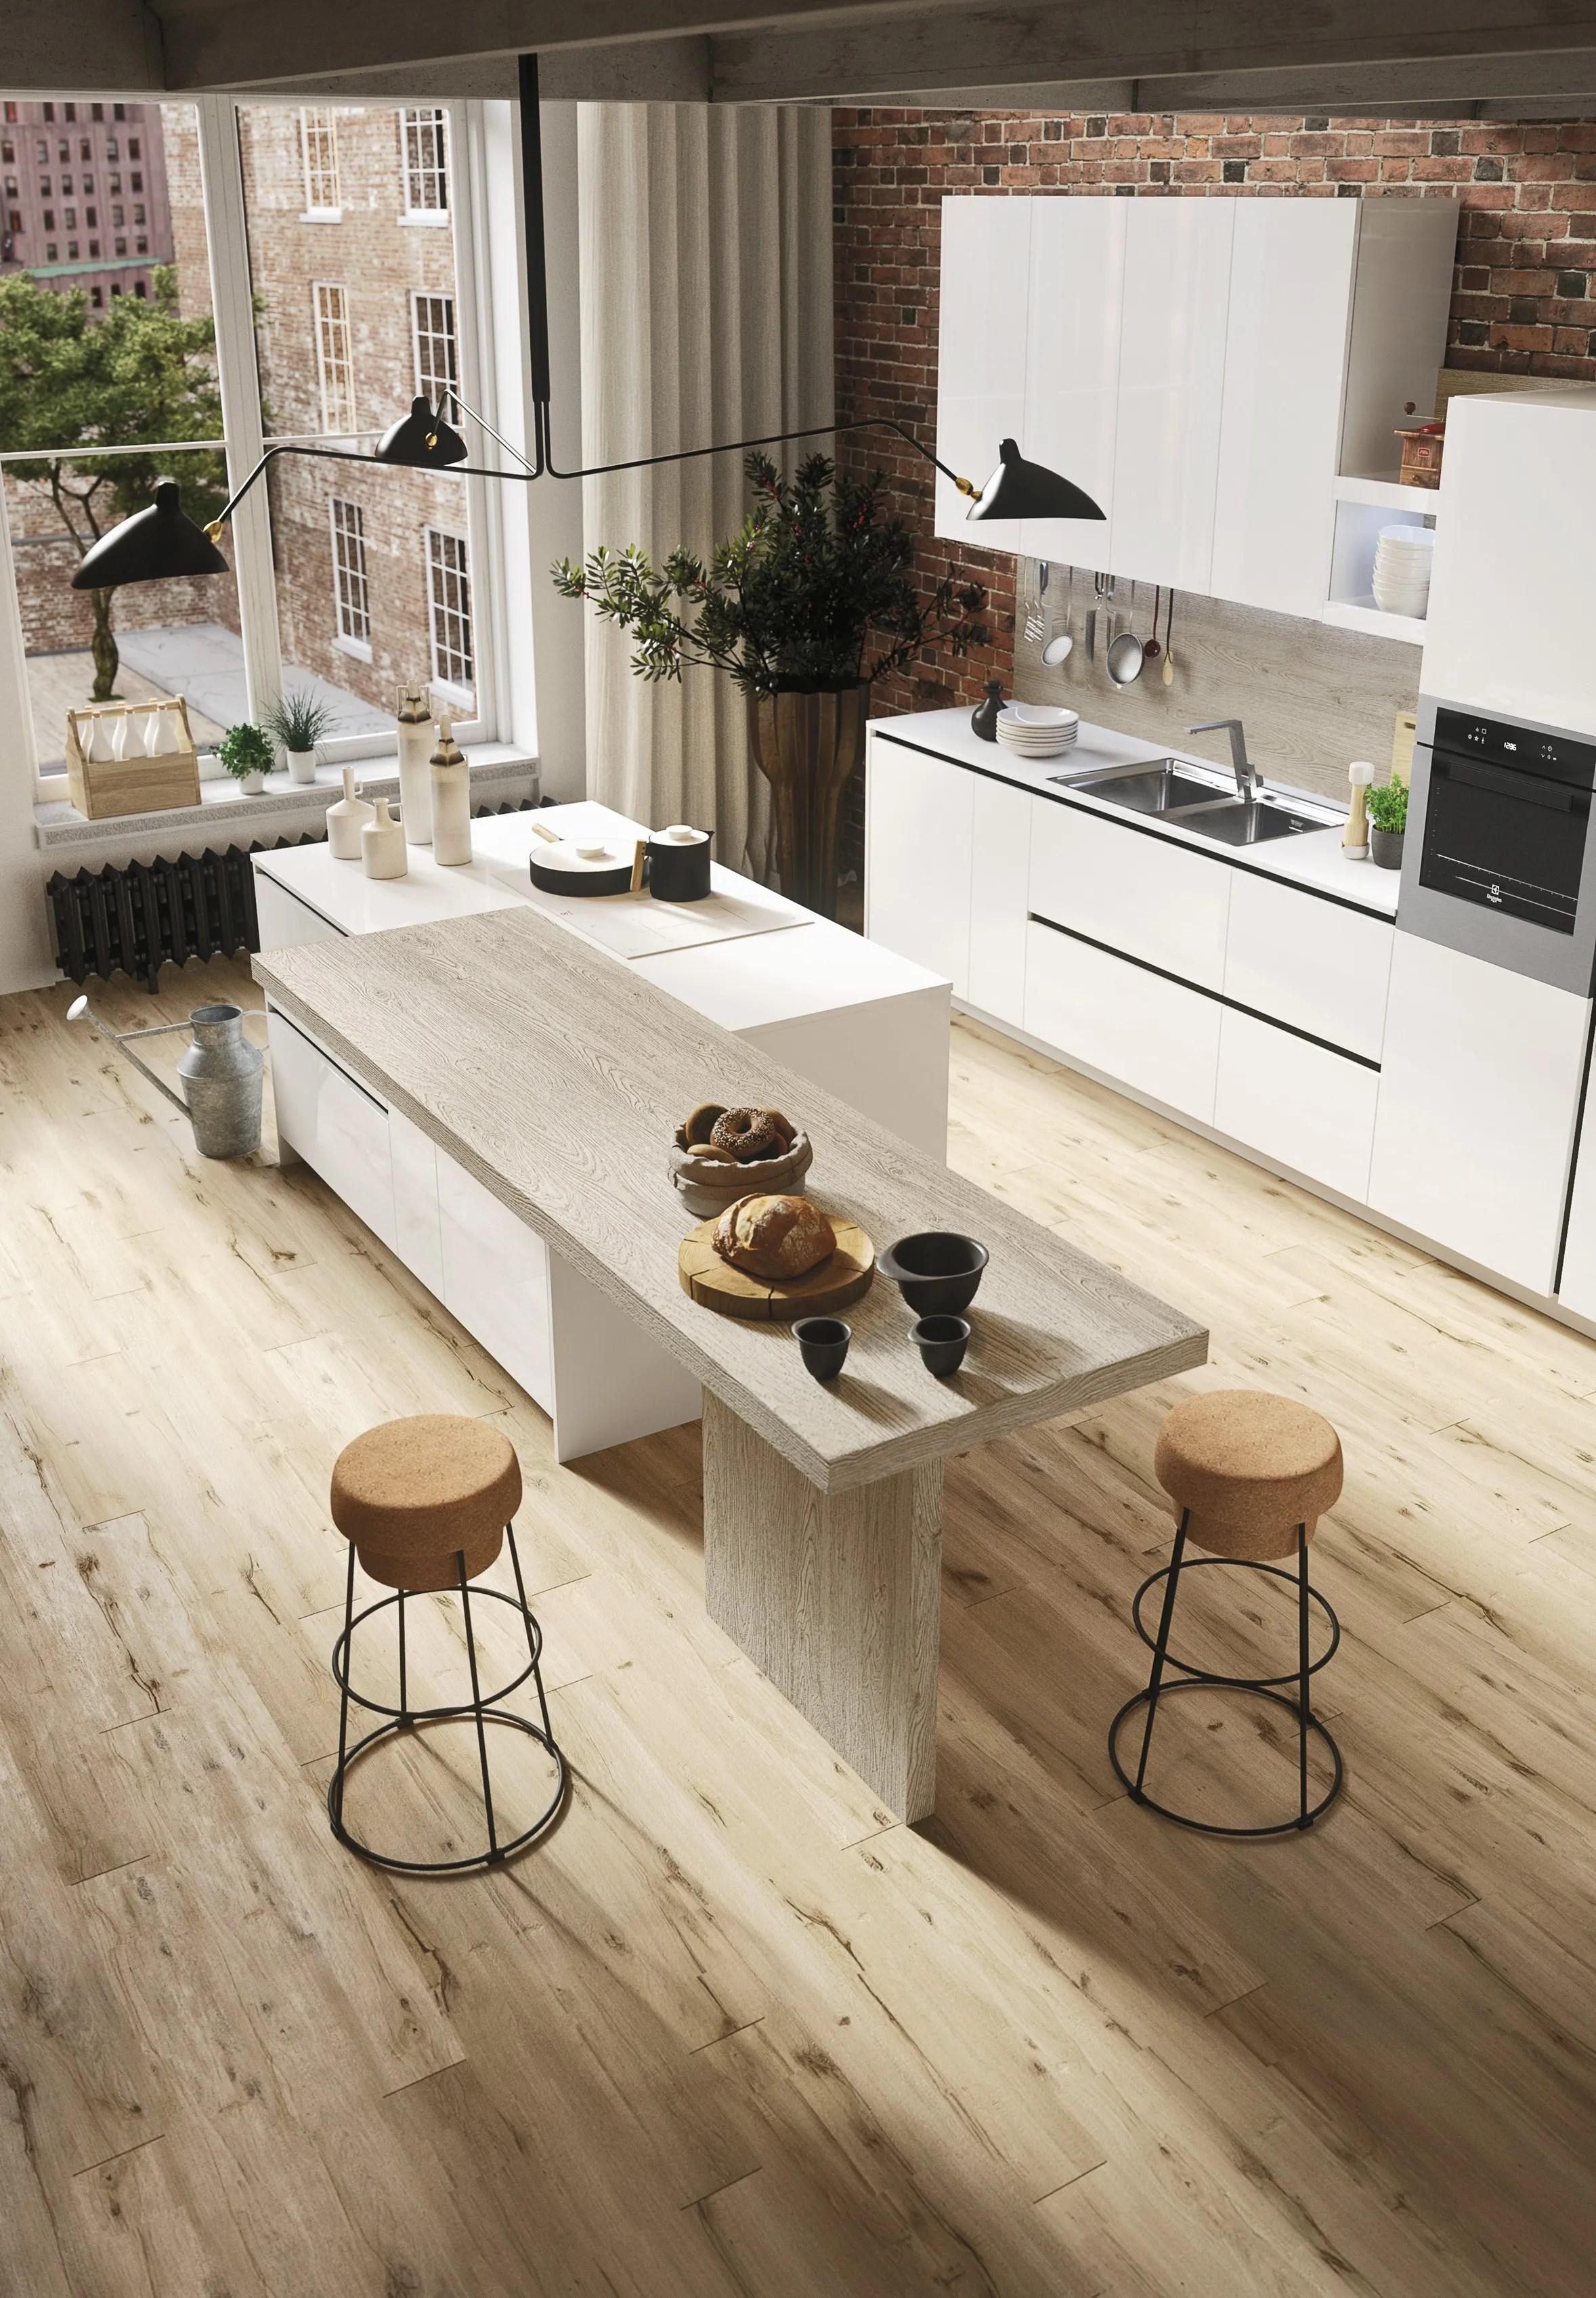 FIRST Cucina in stile moderno by Snaidero design Snaidero